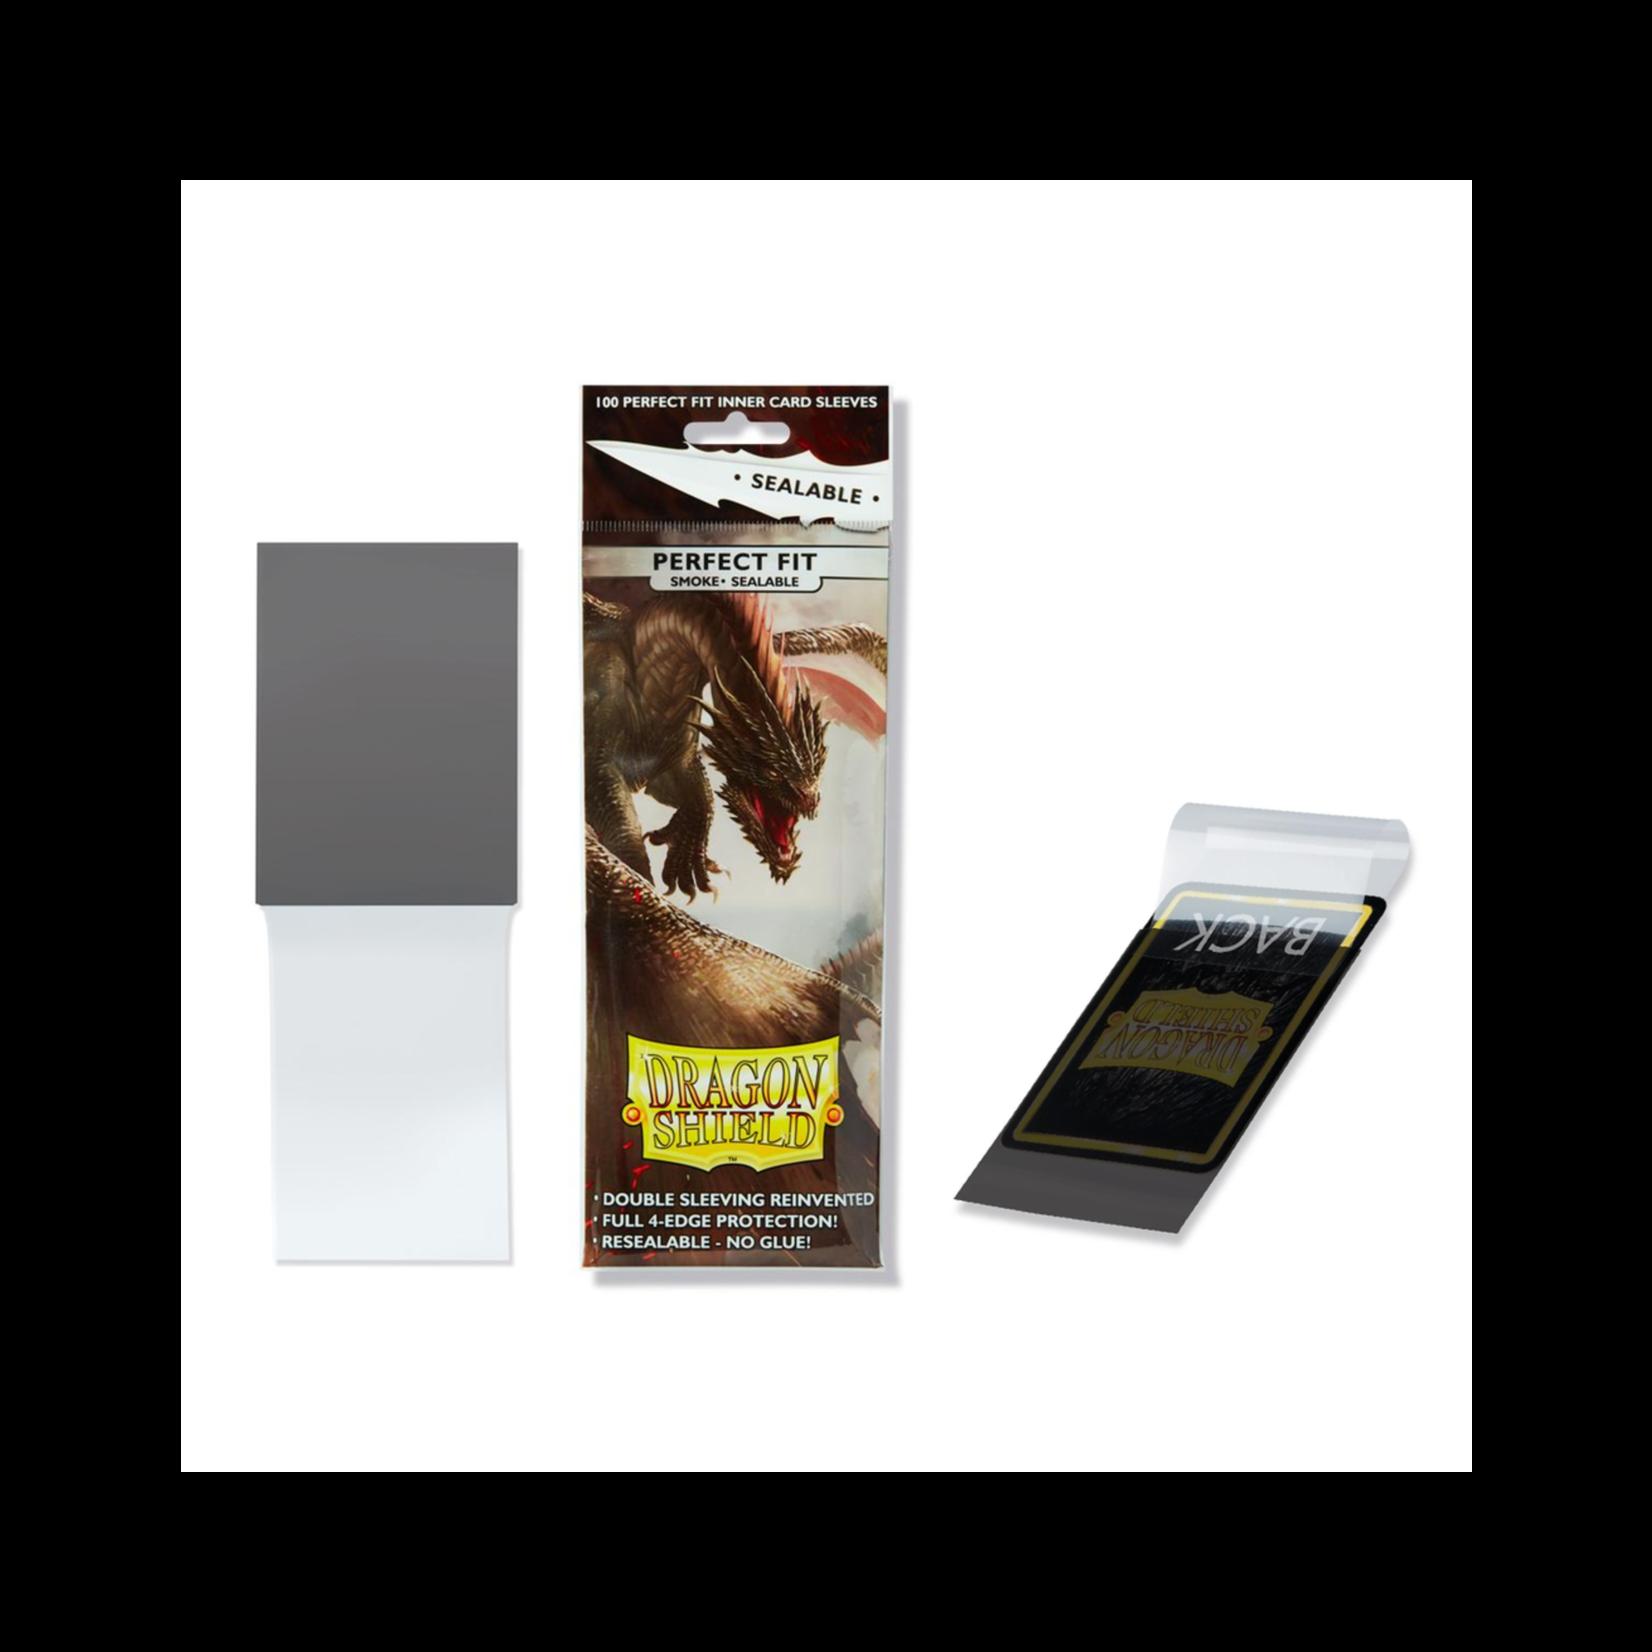 ARCANE TINMEN Dragon Shields Perfect Fit Sealable: (100) Smoke